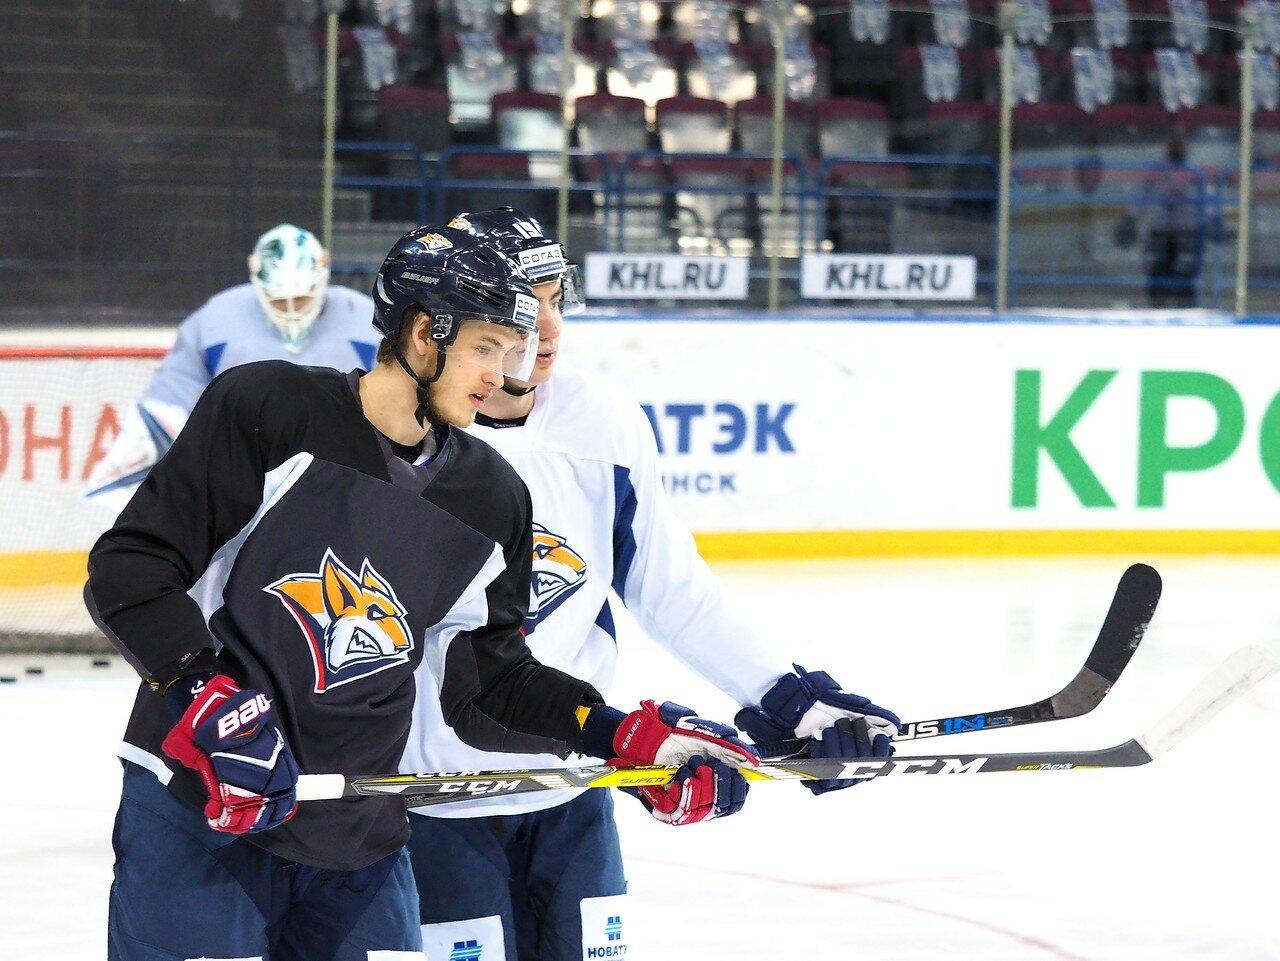 5 Открытая тренировка перед финалом плей-офф КХЛ 2017 06.04.2017